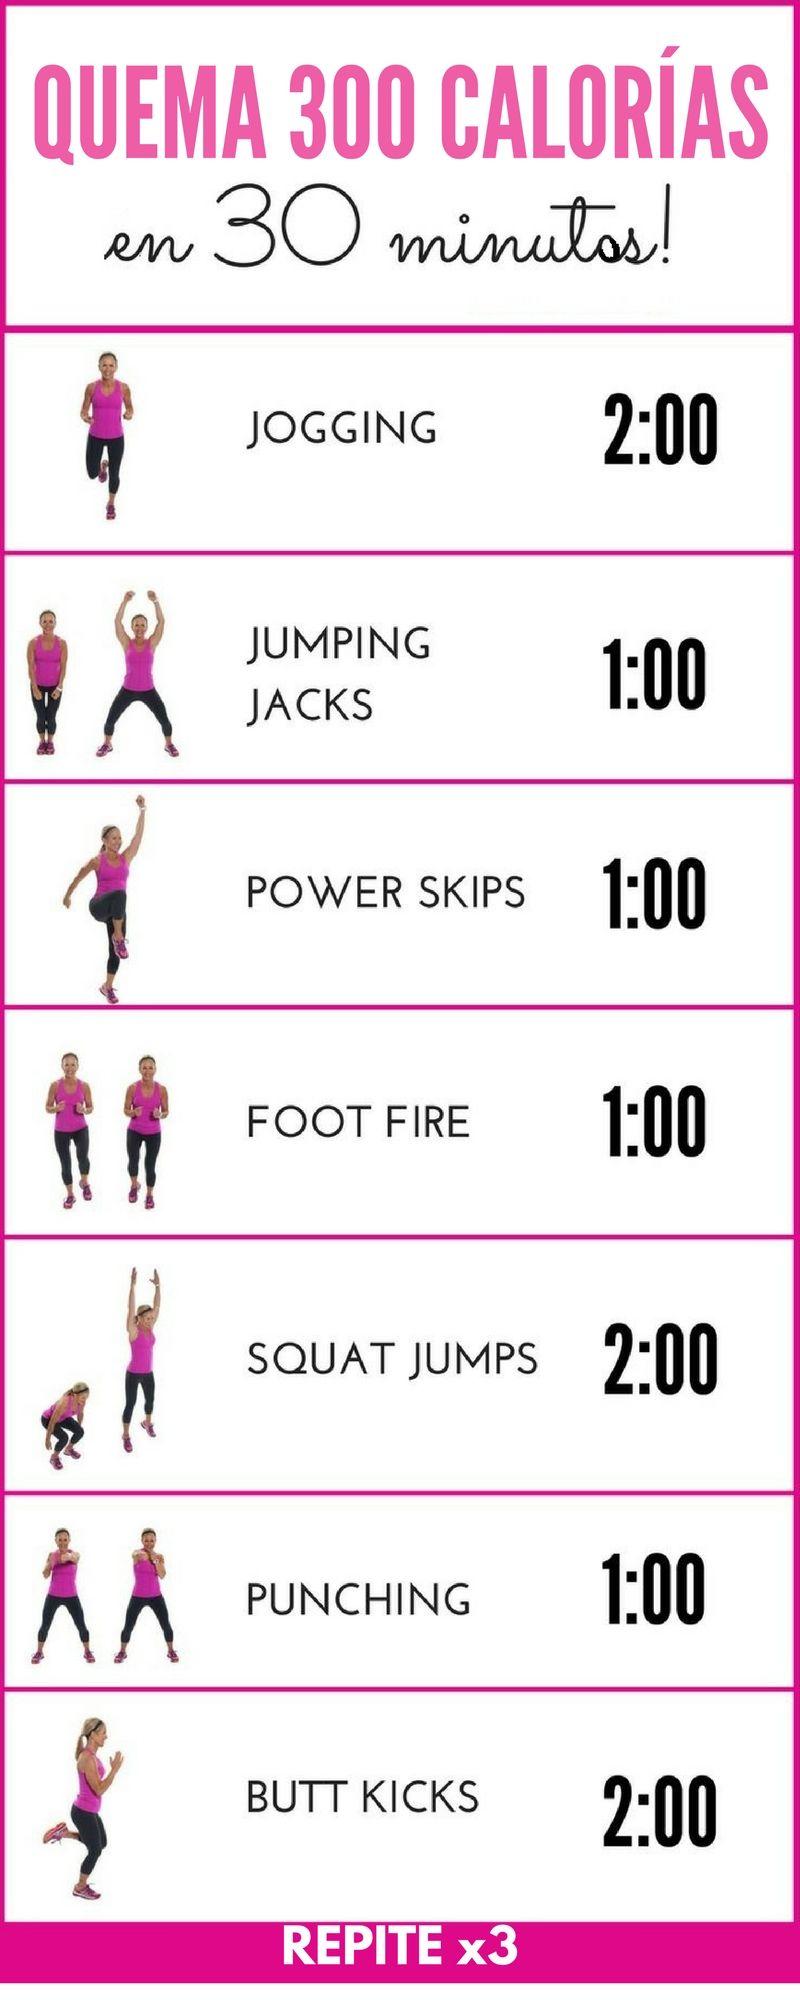 Ejercicios para quemar calor as en poco tiempo ejercicios pinterest - Plan de entrenamiento en casa ...